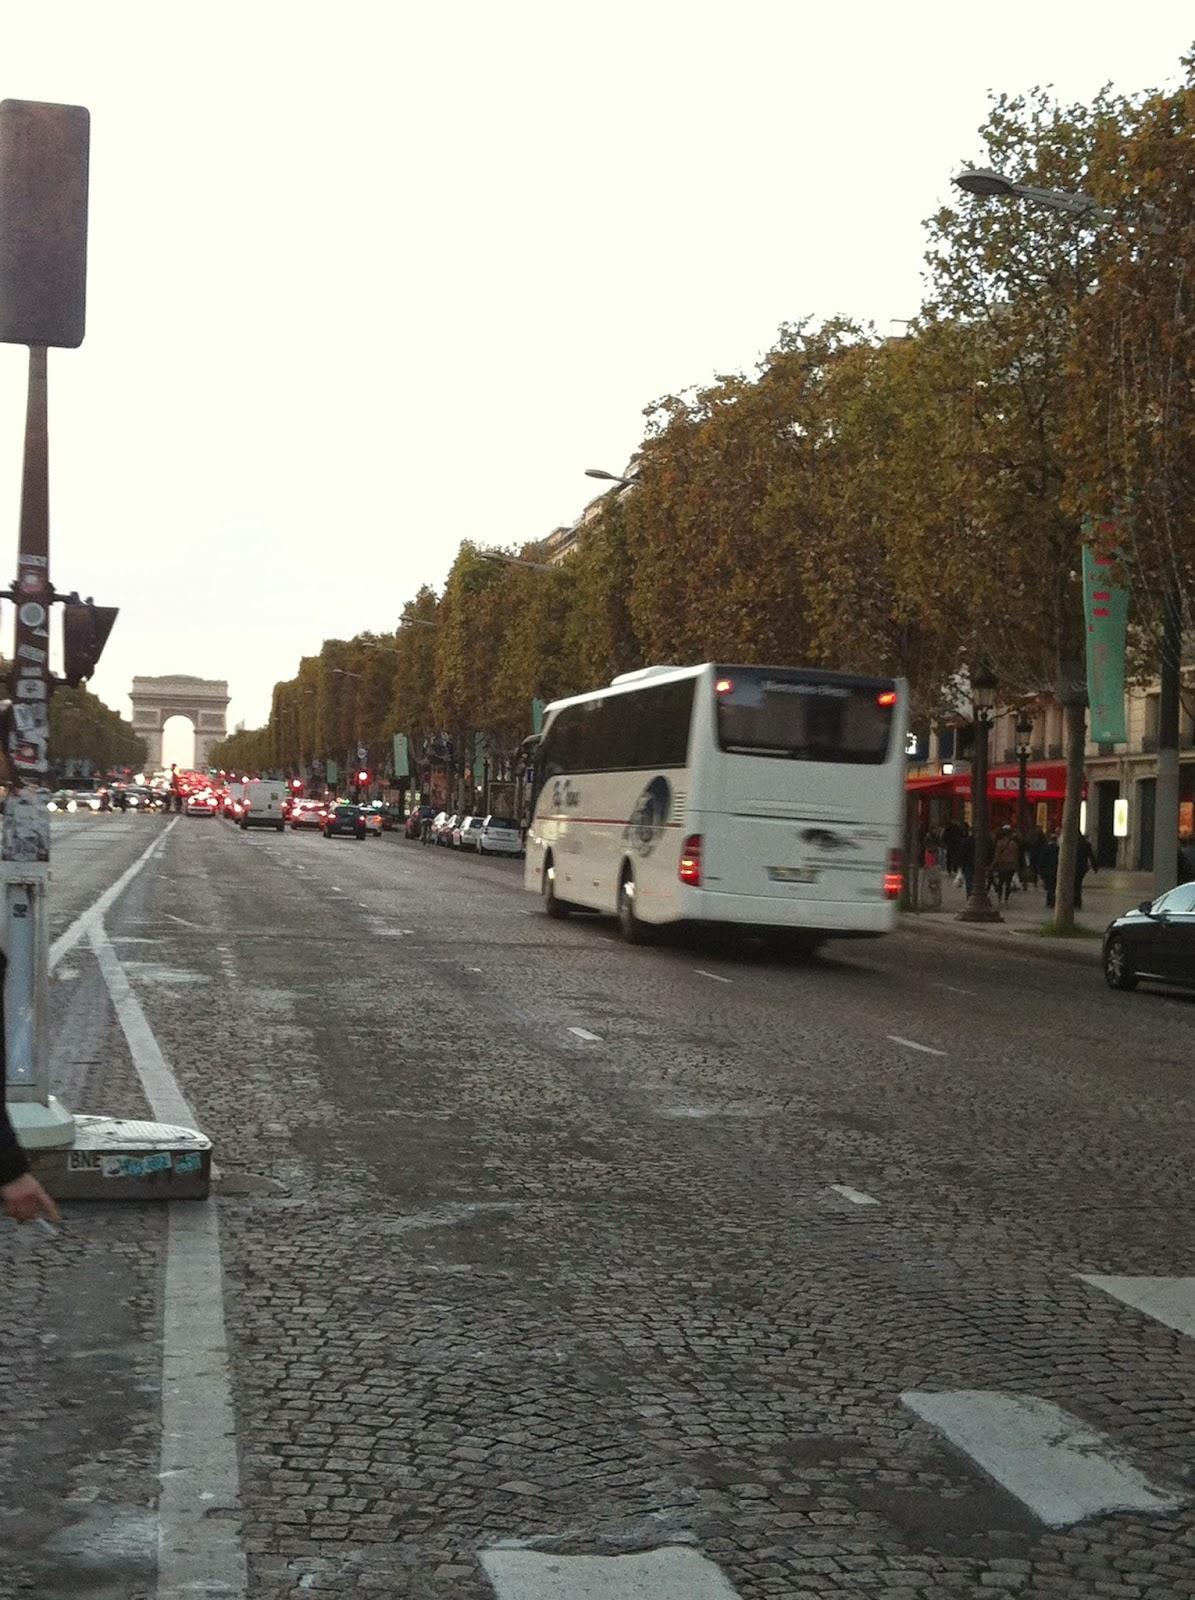 France, Paris, Champs Elysées, boutiques parisiennes, fashion